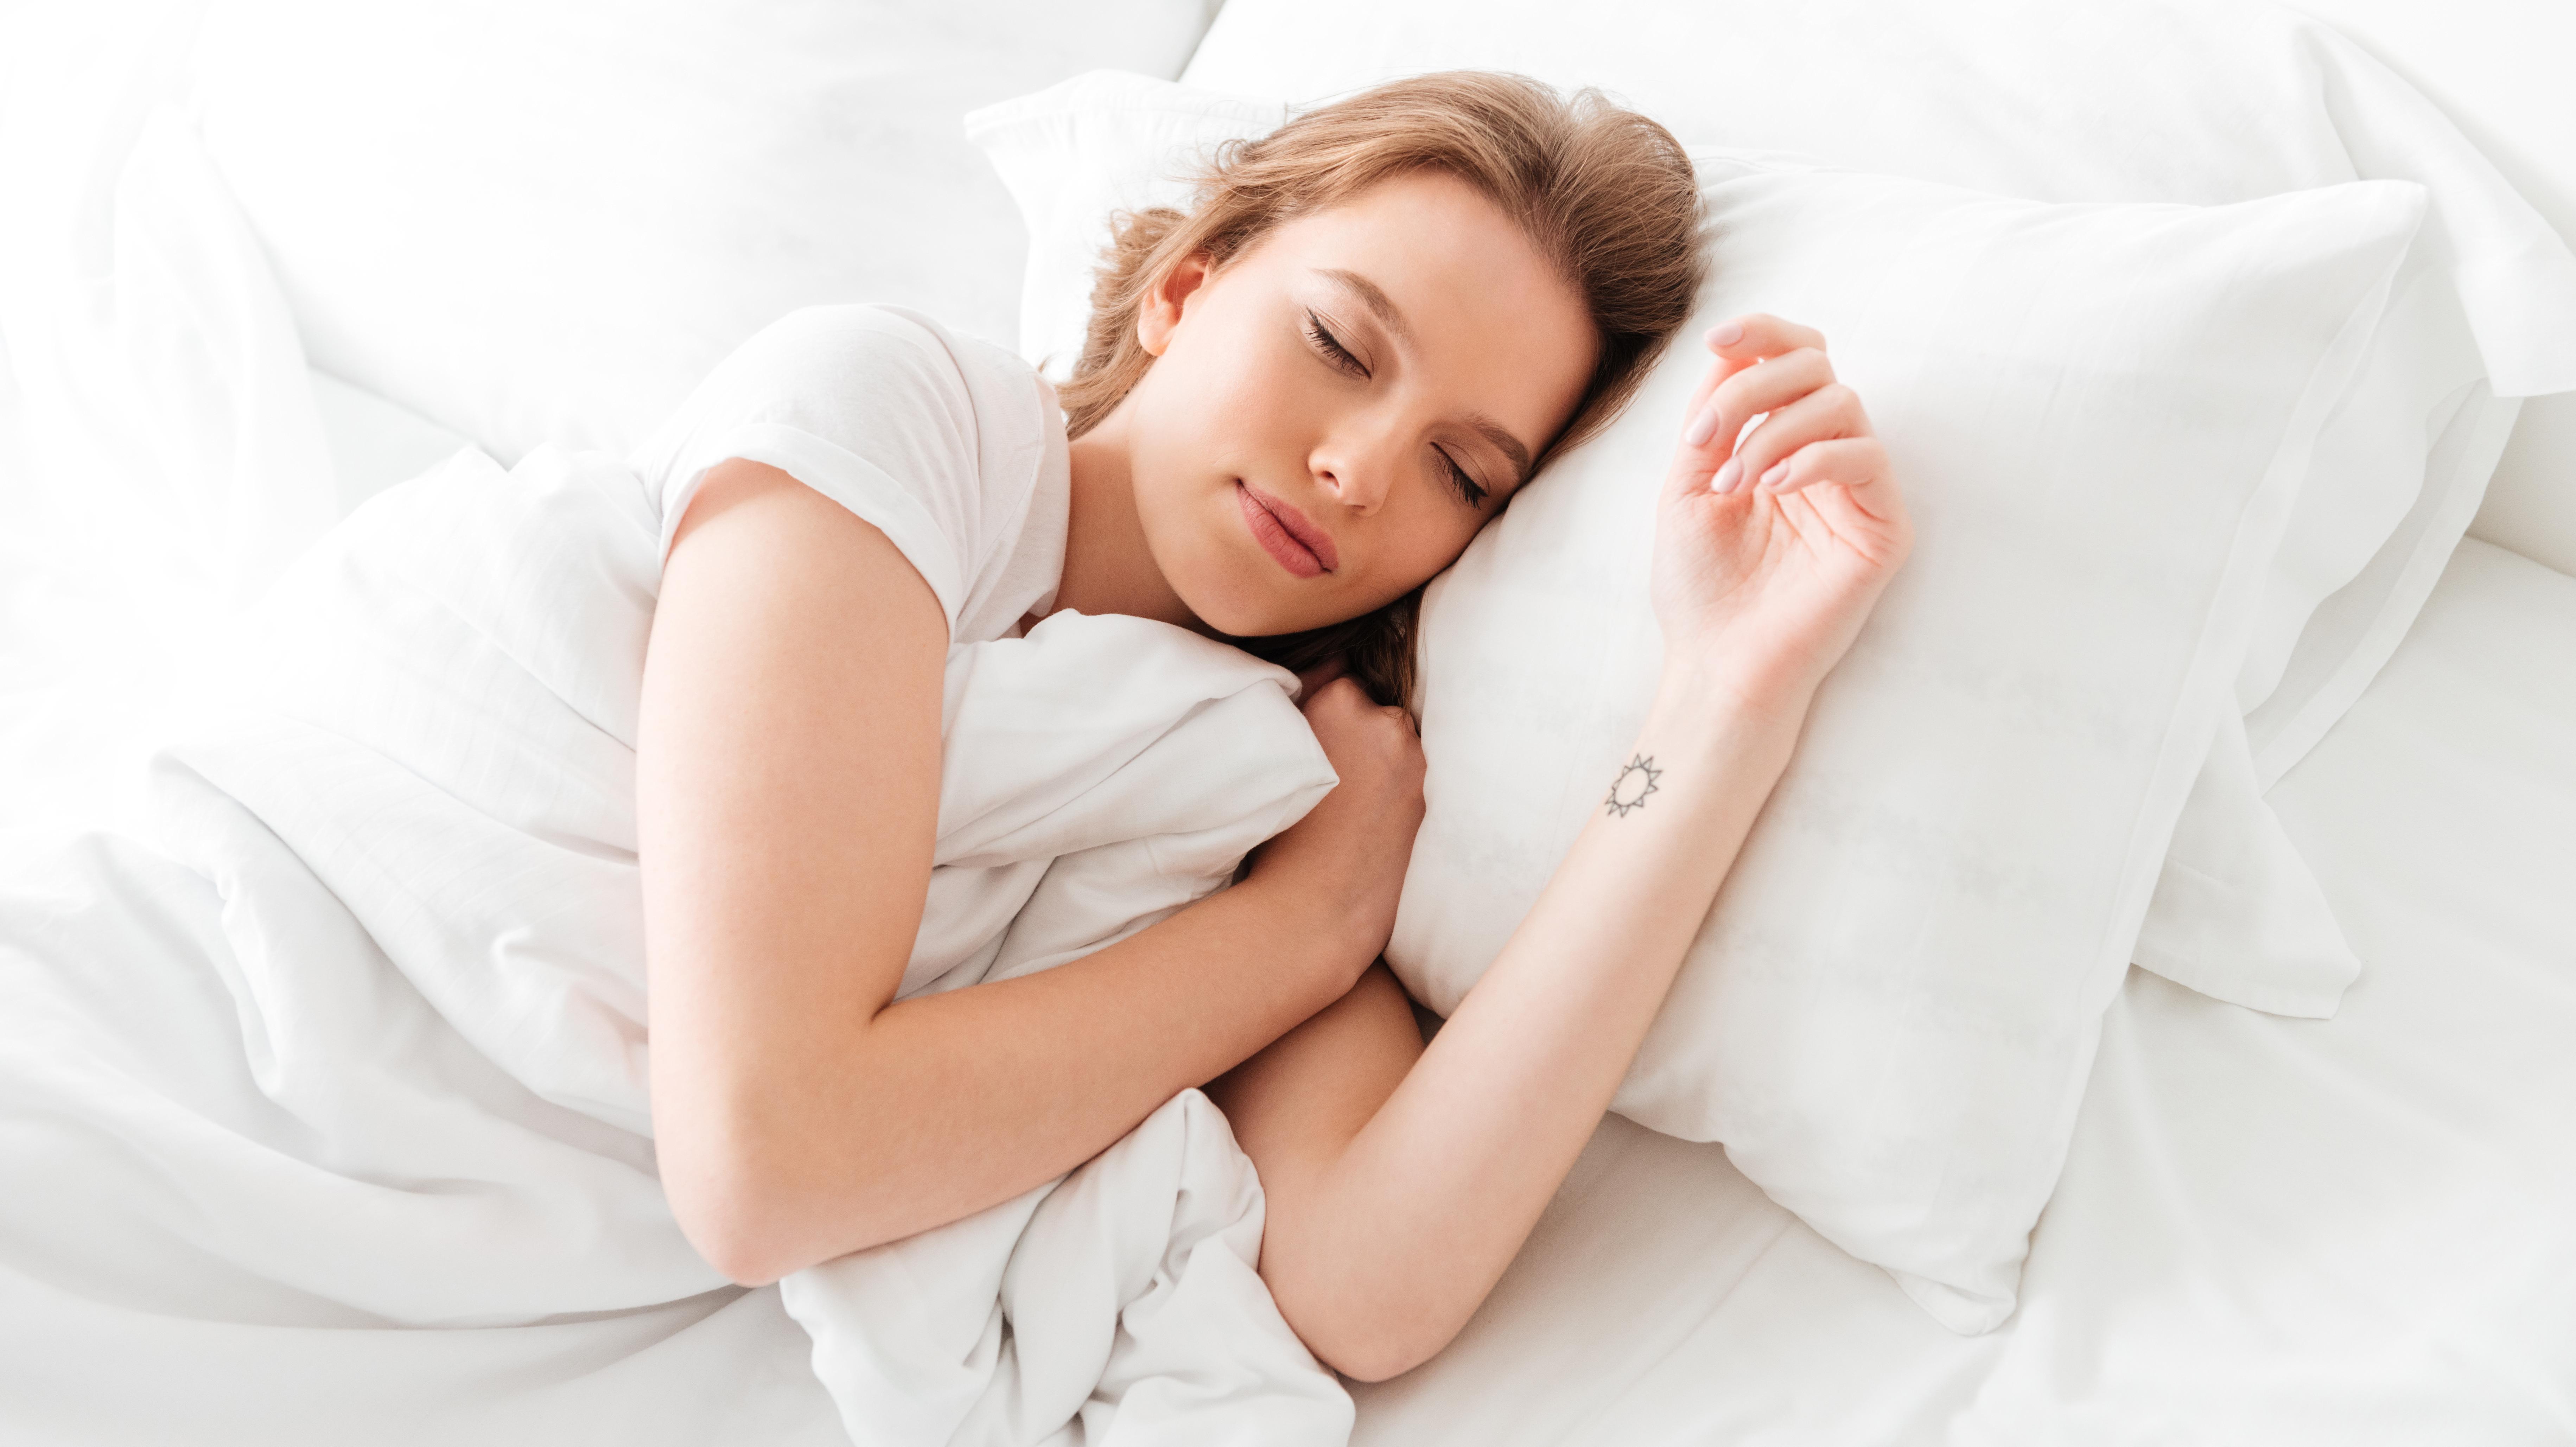 שינה, מזרנים, מנדלבוים